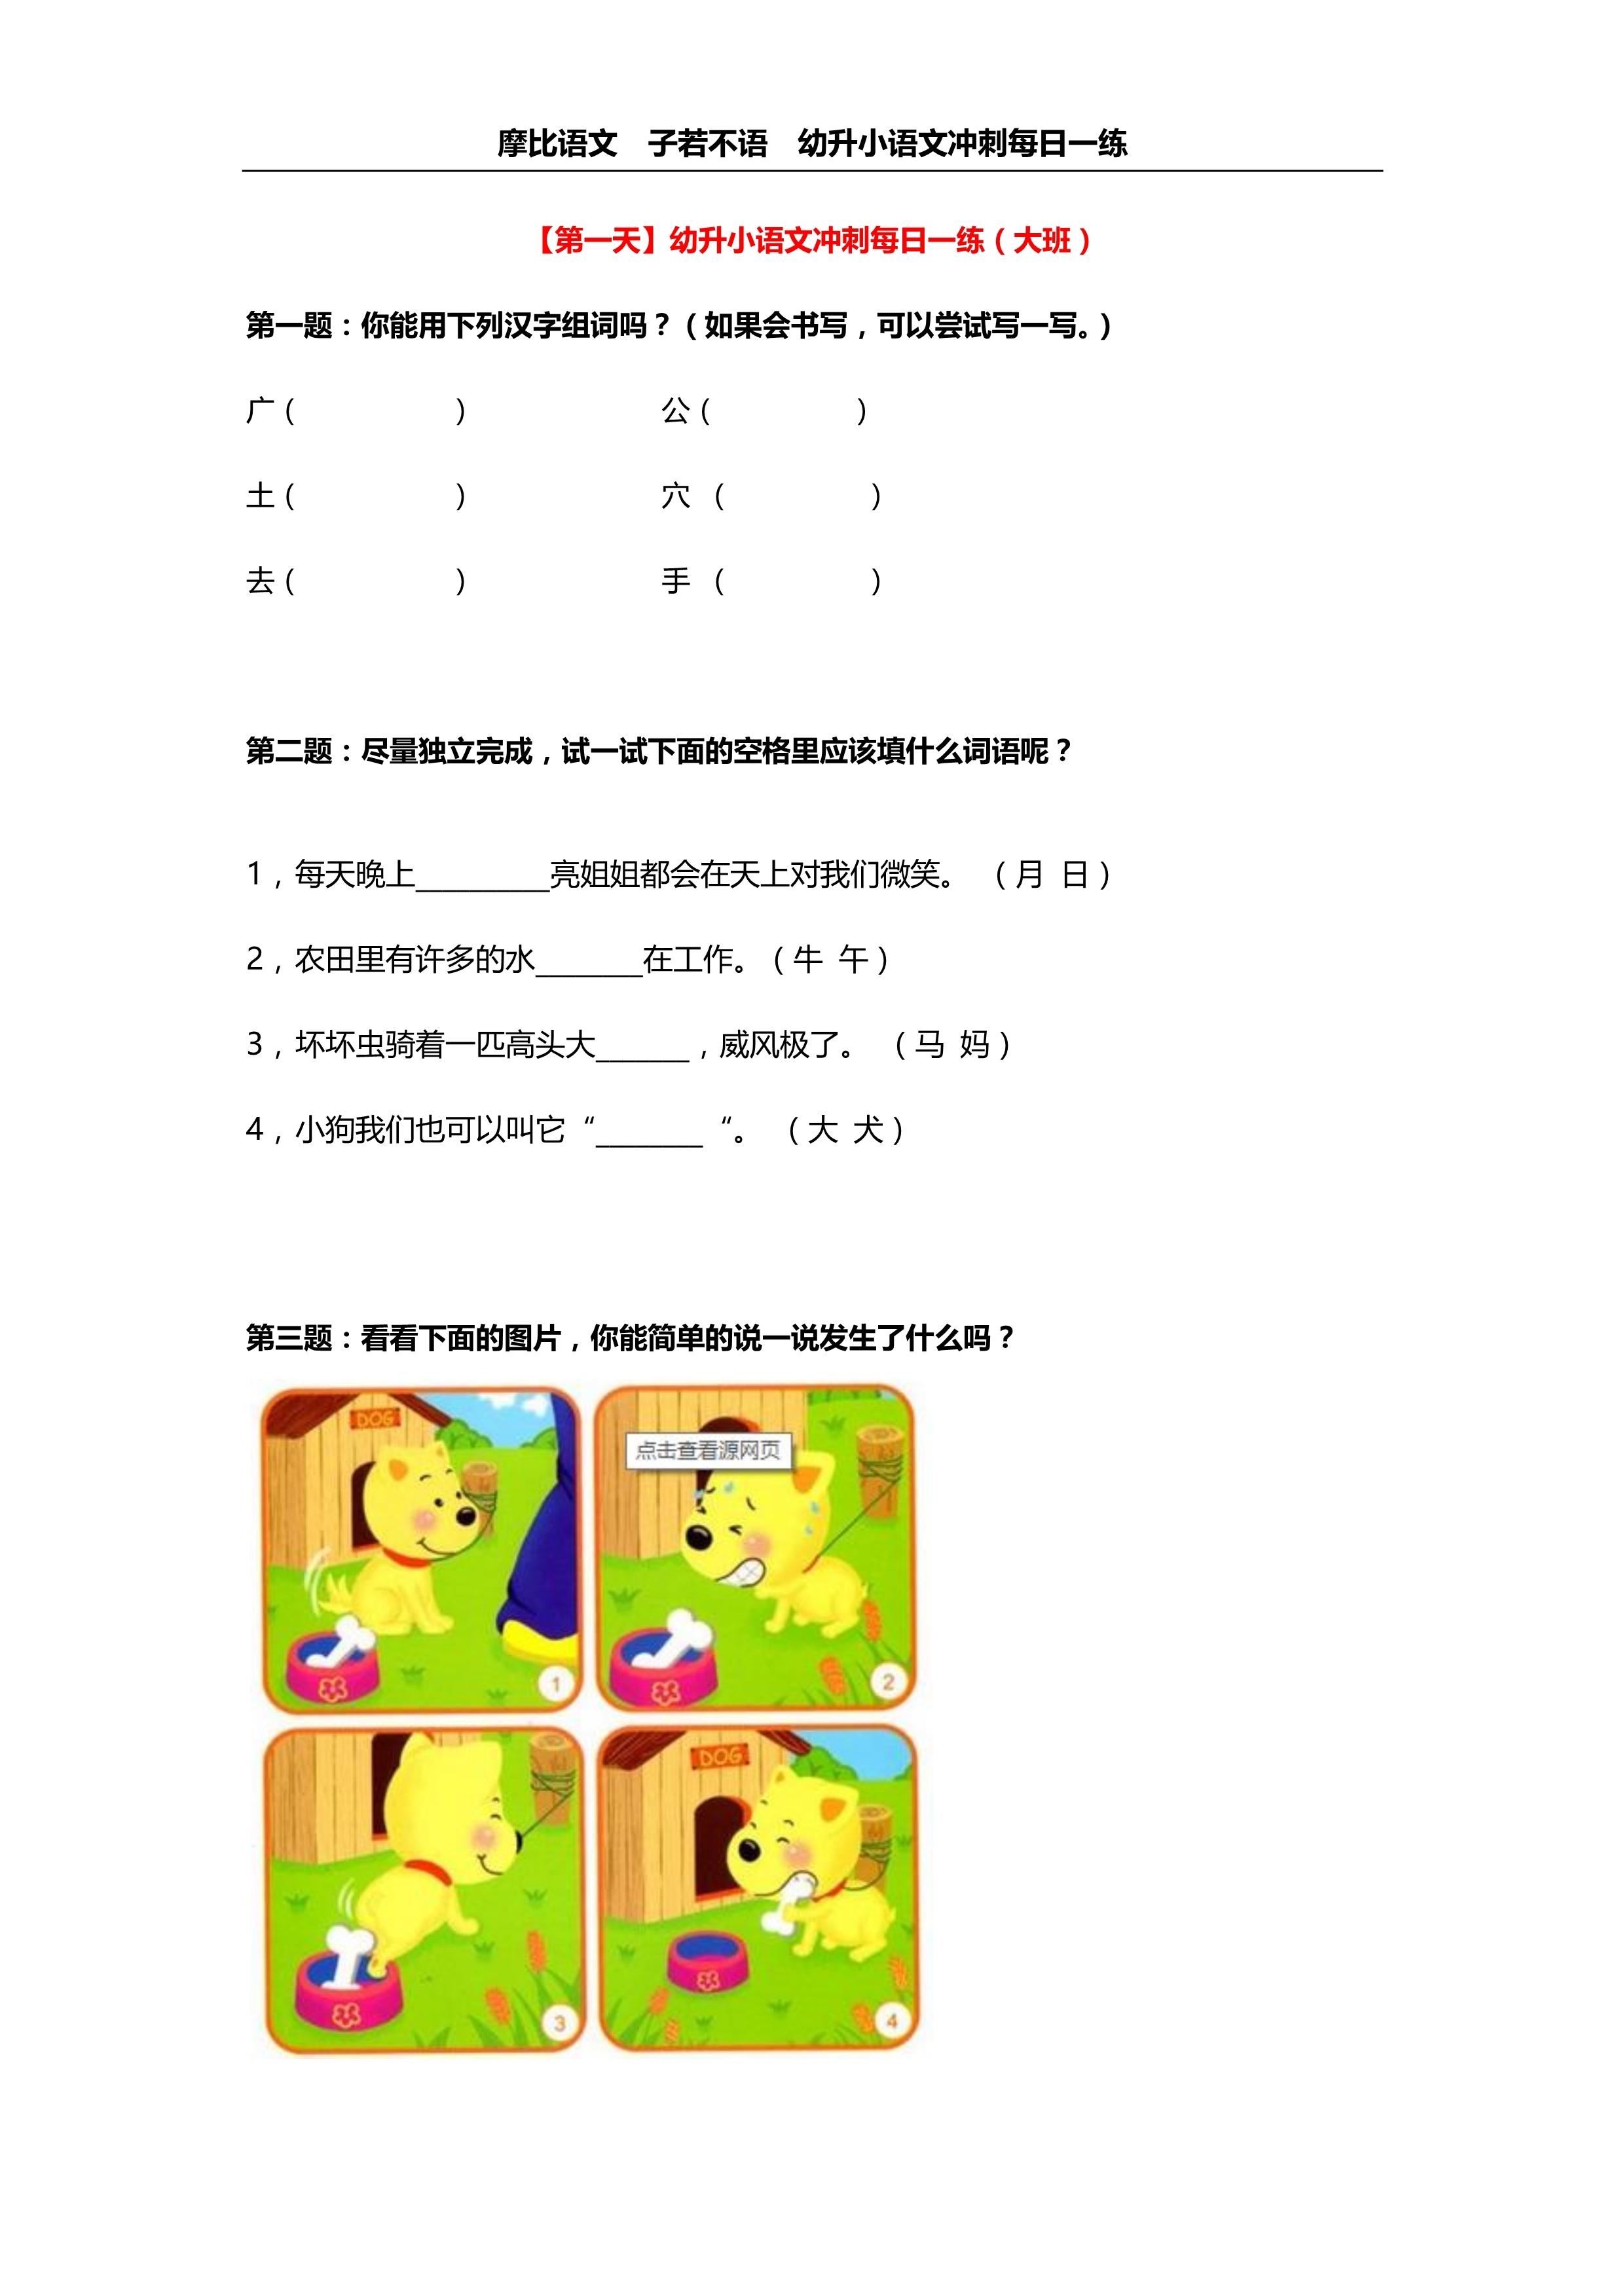 【第一天】幼升小语文冲刺每日一练(大班)_1.jpg